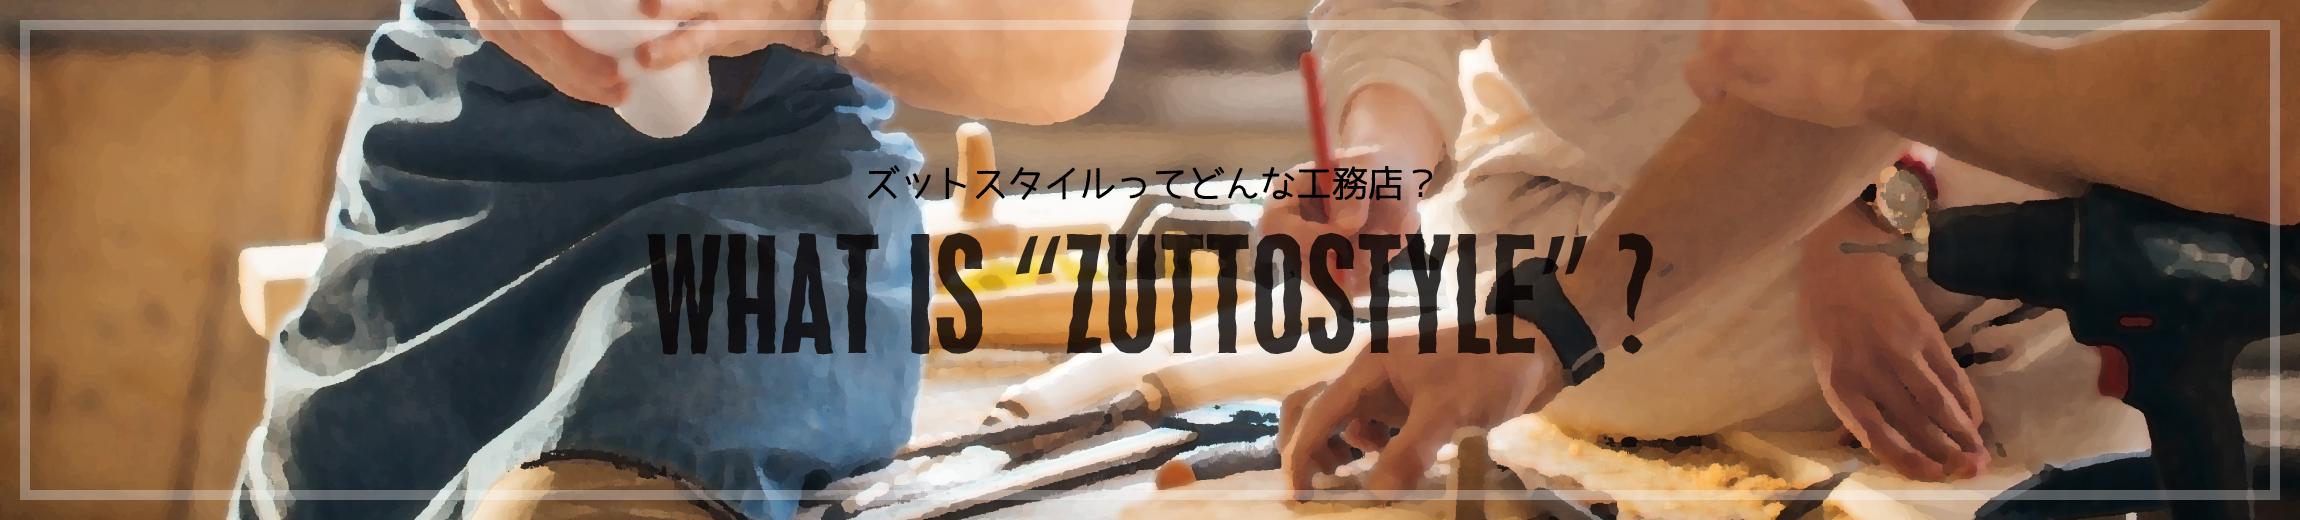 """ズットスタイルってどんな工務店? What is """"zuttostyle""""?"""